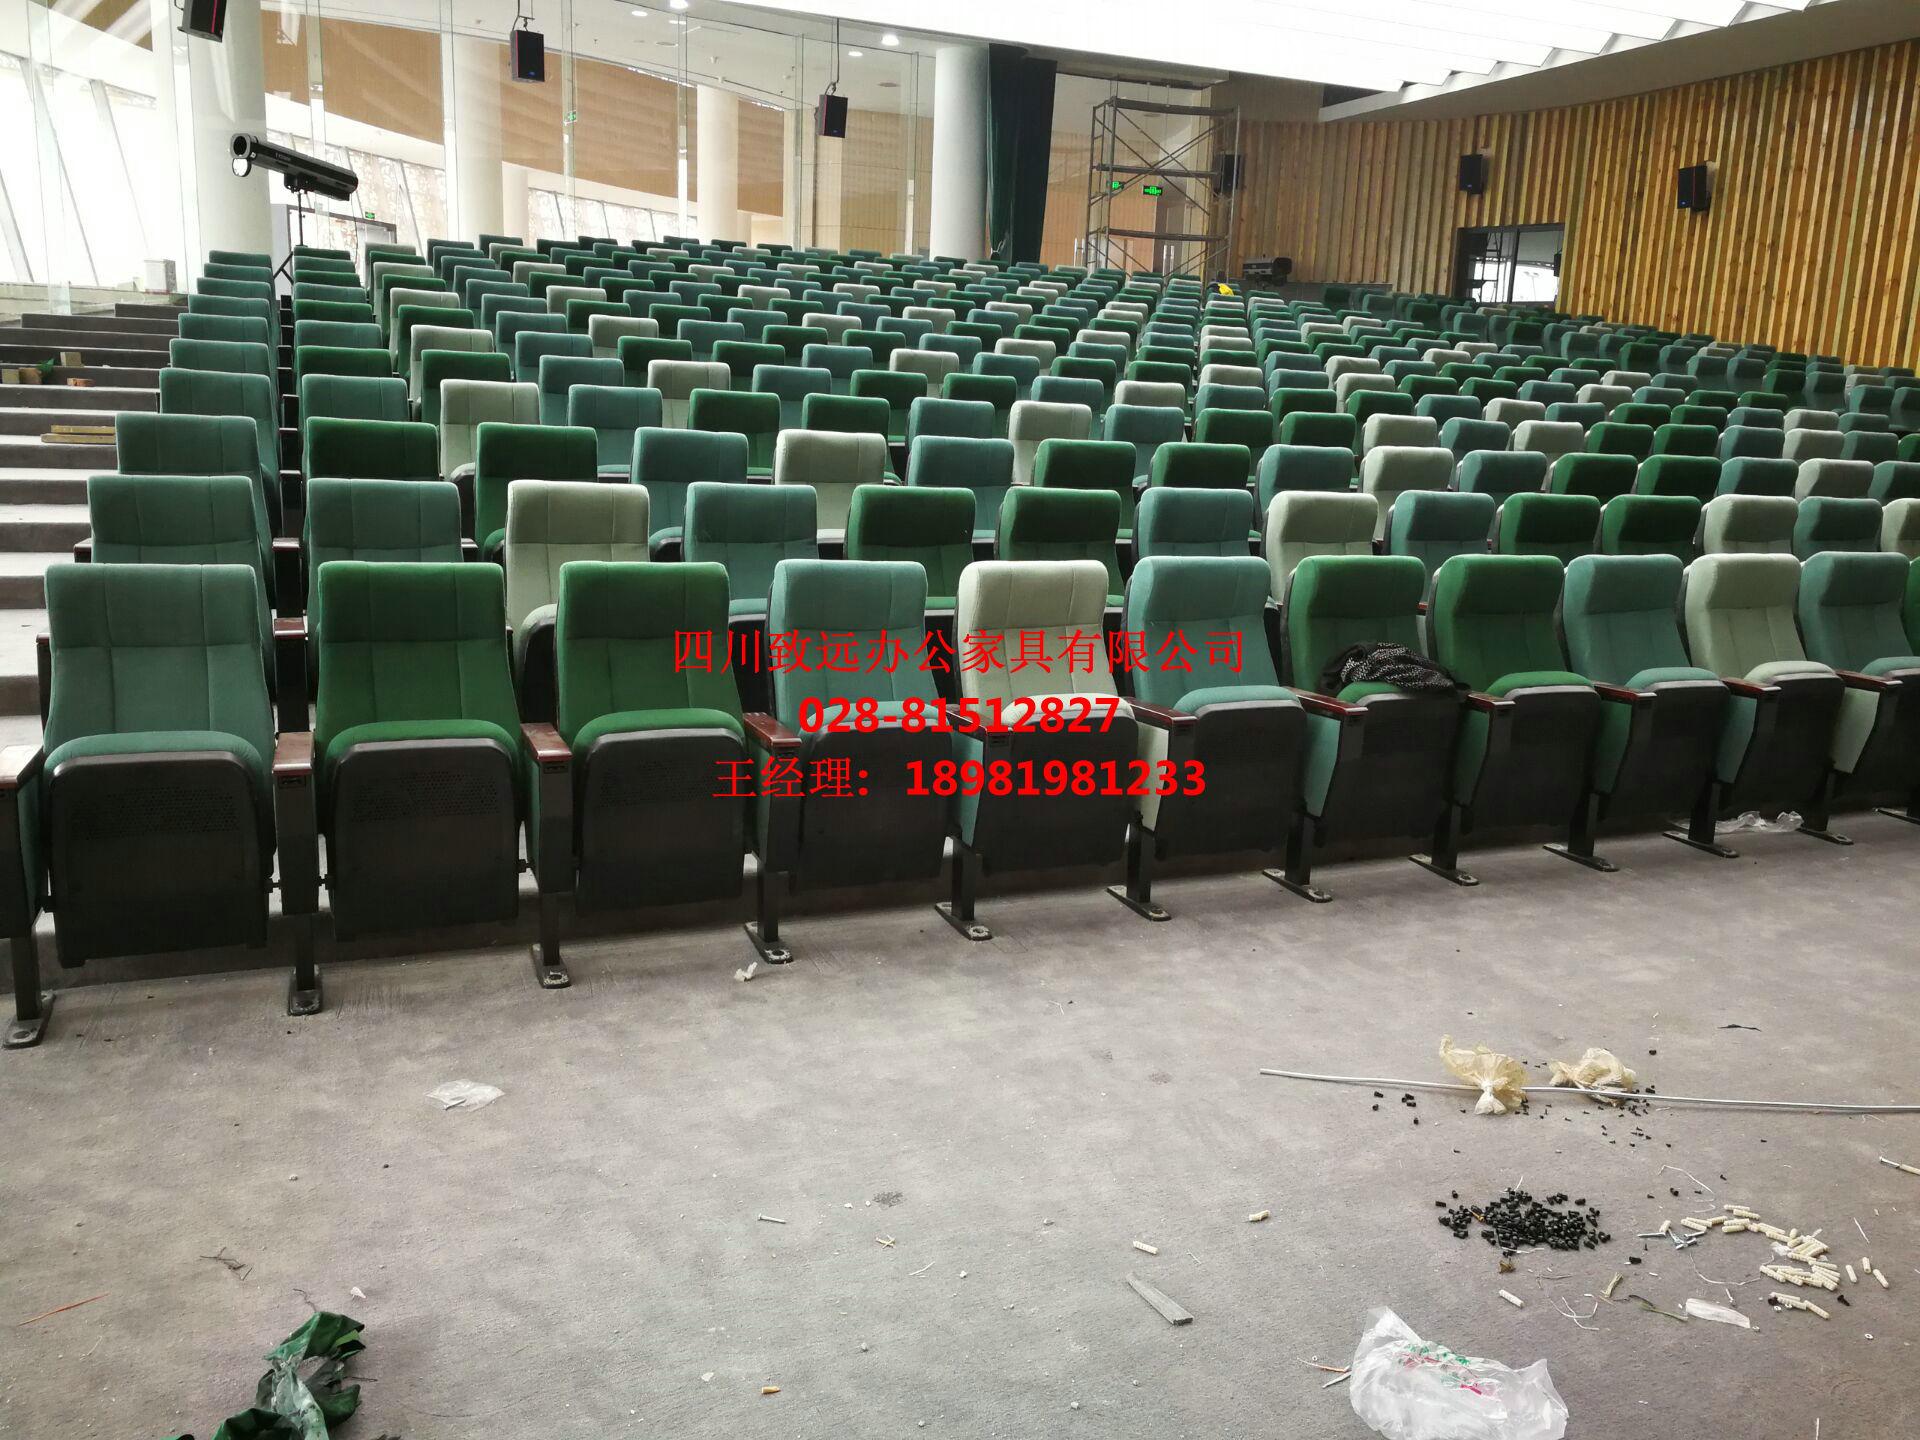 成都软包排椅-成都体育馆看台椅-成都开会专用椅子